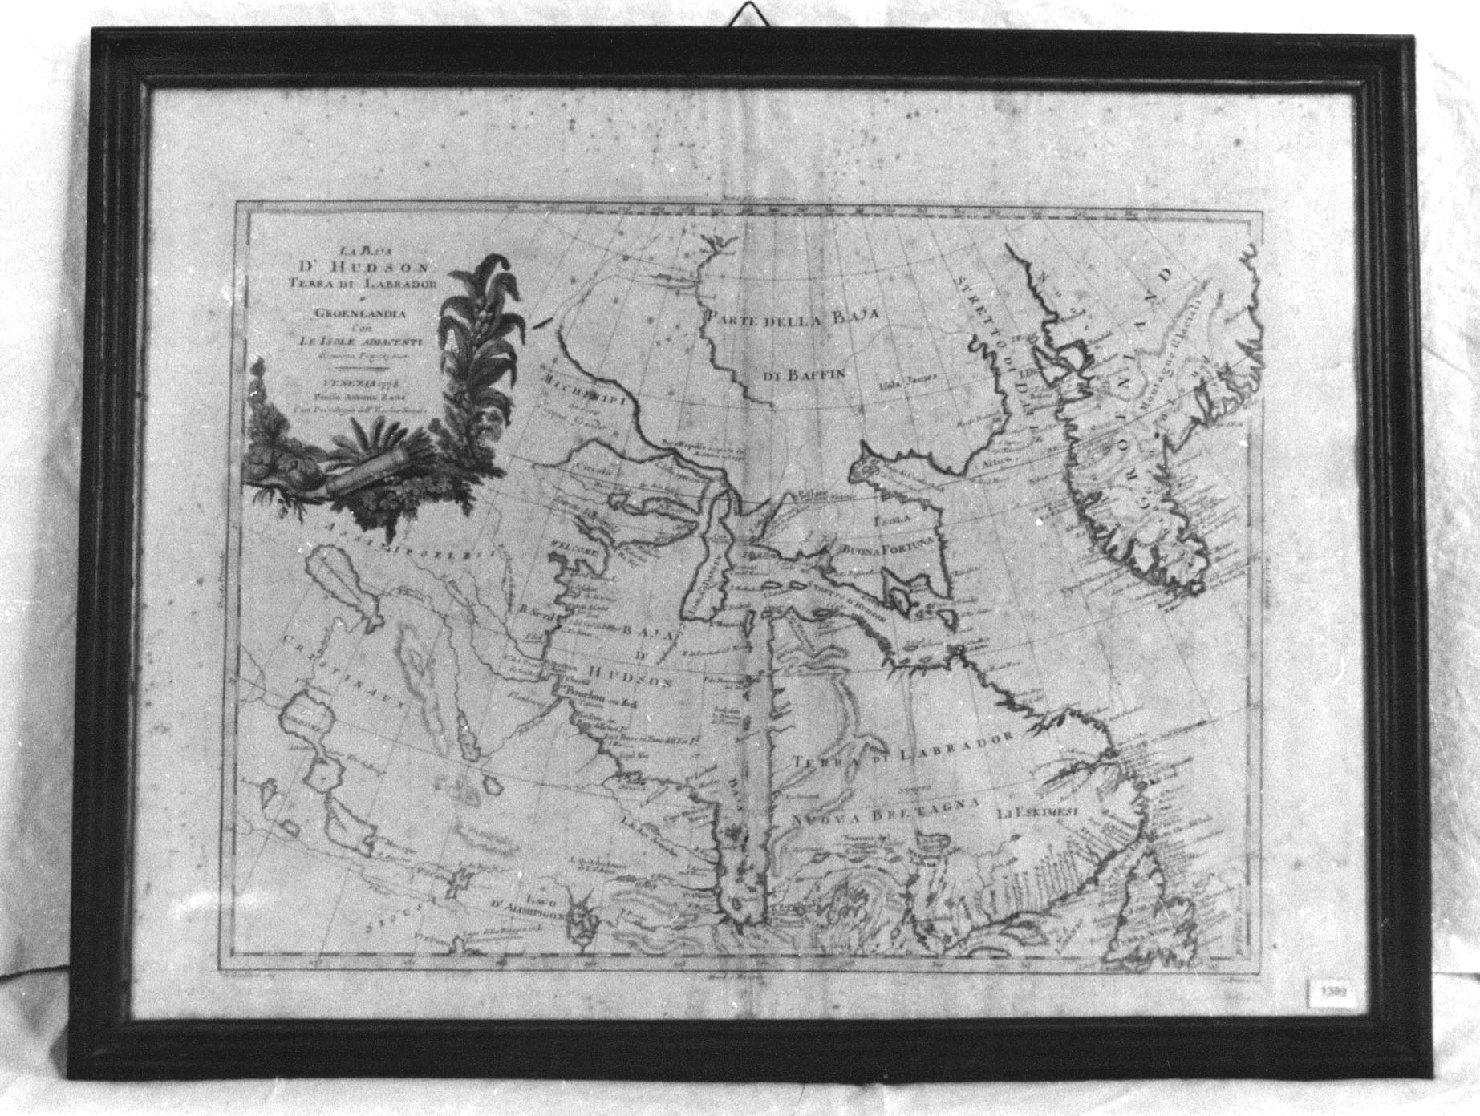 La baja d'Hudson. Terra di Labrador e Groenlandia con le isole adiacenti. Di nuova projezione, geografia (stampa) di Zuliani Giuliano, Pitteri G (sec. XVIII)